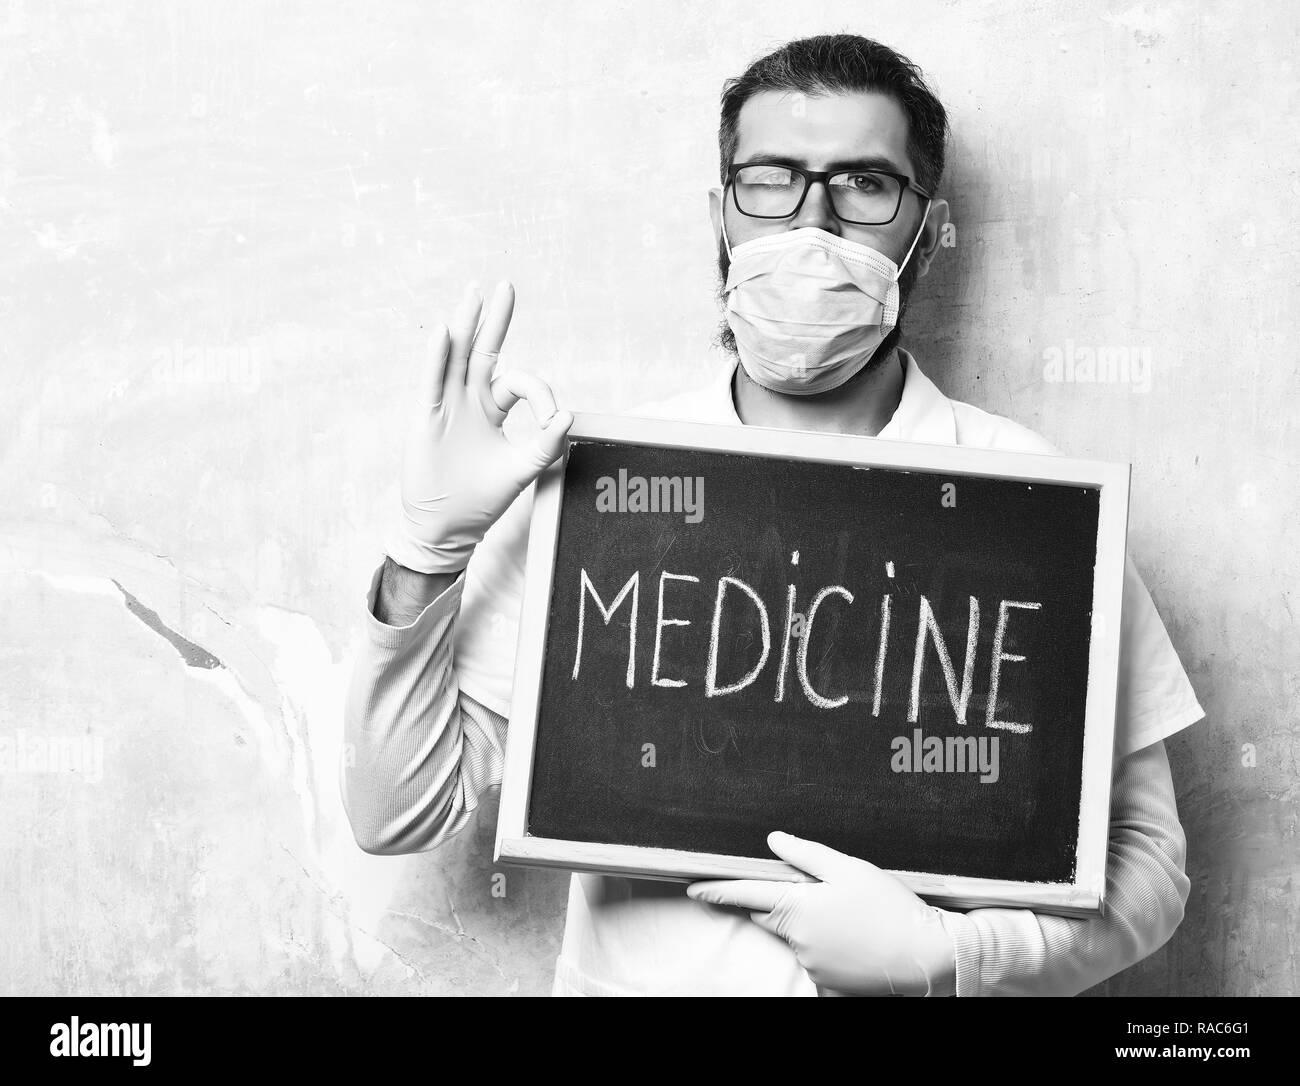 f97303c00c660 Homme barbu, longue barbe. Portrait brutal ou hipster non rasé, étudiant en  médecine